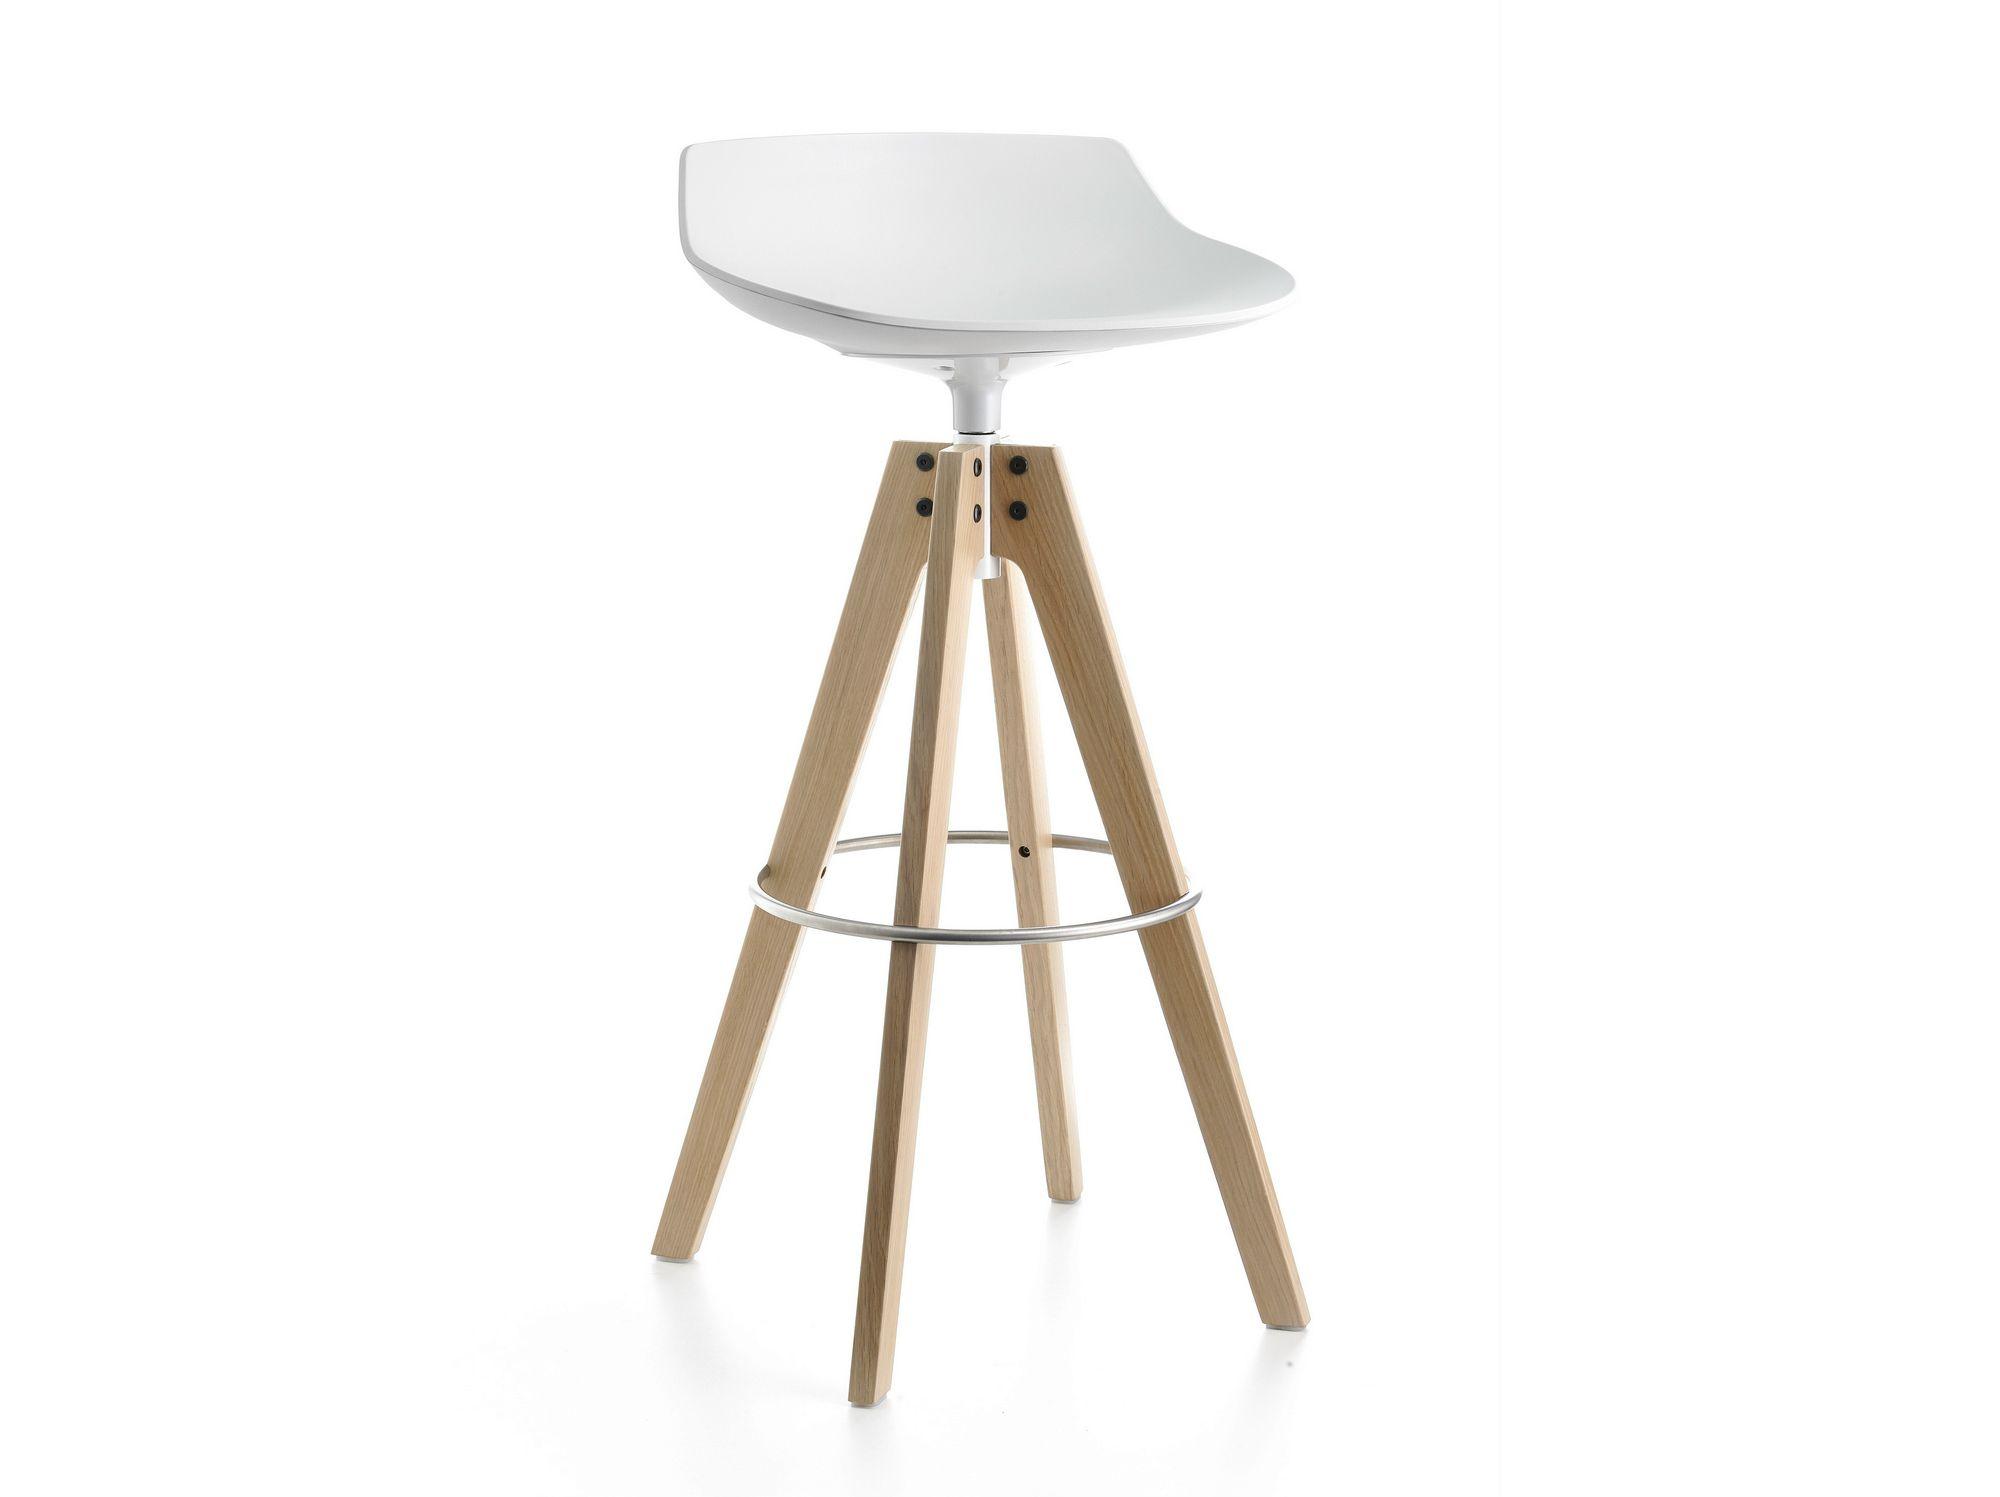 flow stool tabouret pivotant by mdf italia design jean. Black Bedroom Furniture Sets. Home Design Ideas